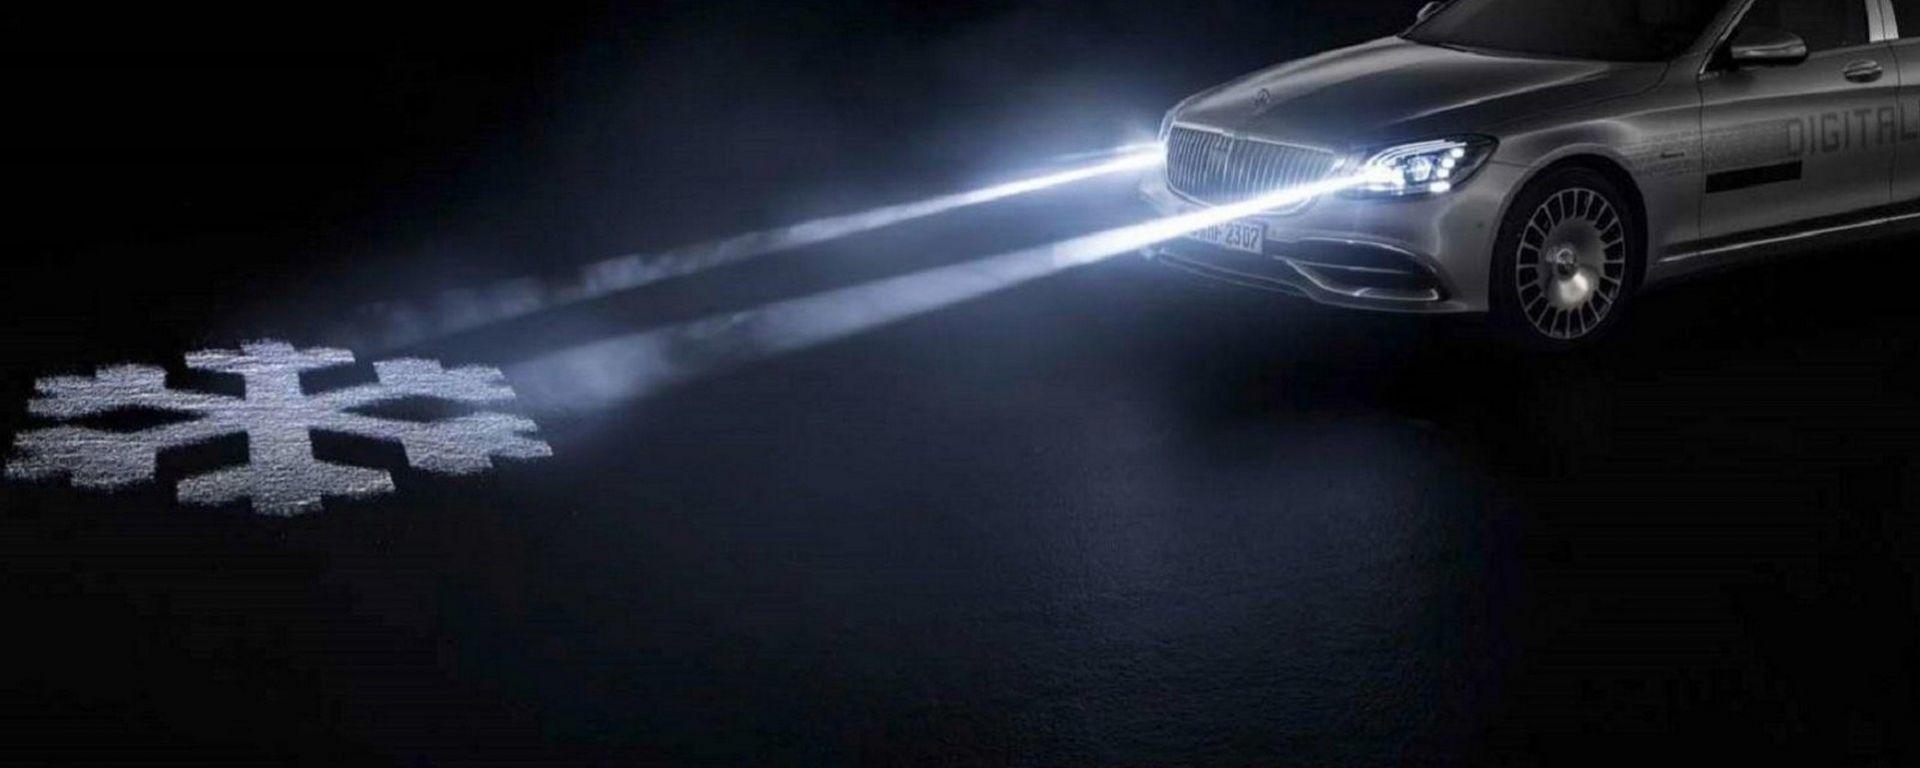 Mercedes-Benz Digital Light: alcuni dei segnali che può proiettare